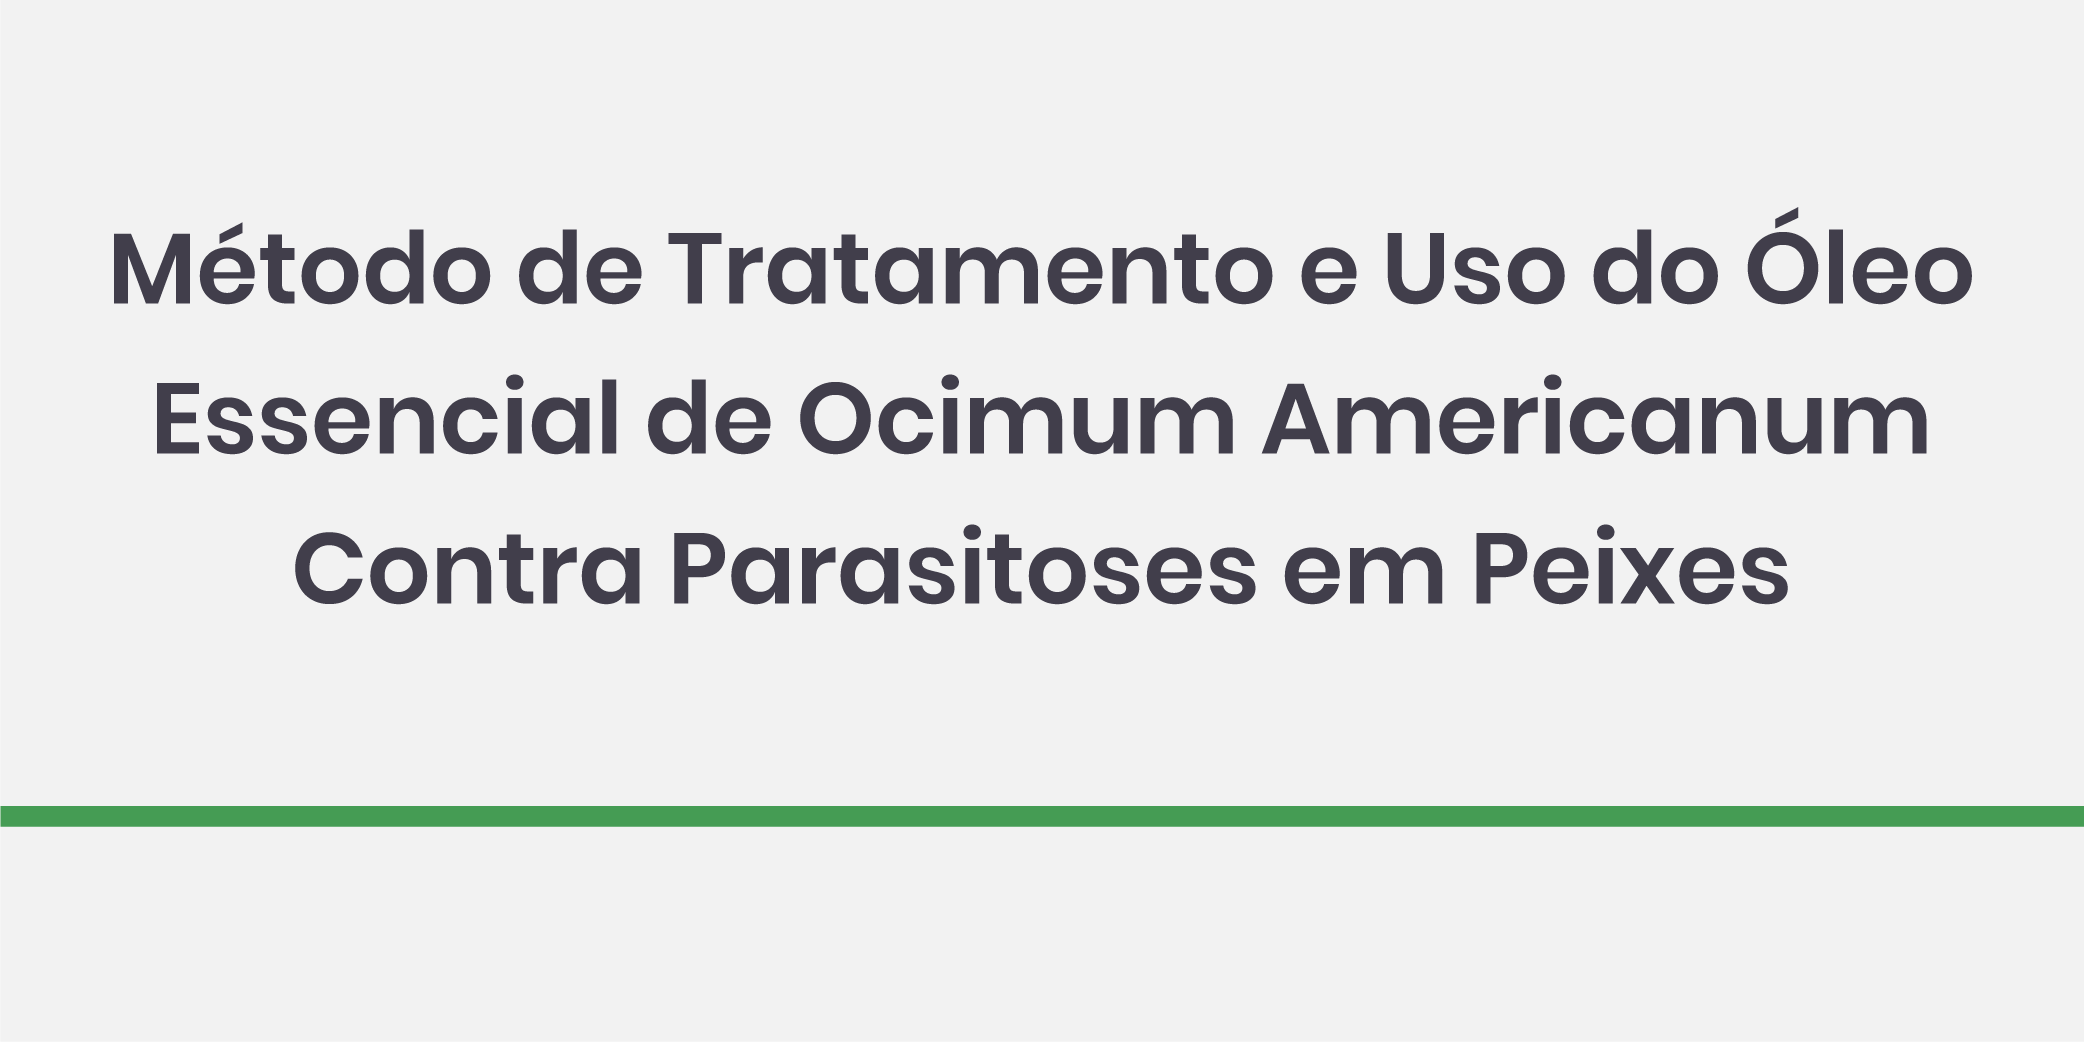 Método de Tratamento e Uso do Óleo Essencial de Ocimum americanum Contra Parasitoses em Peixes